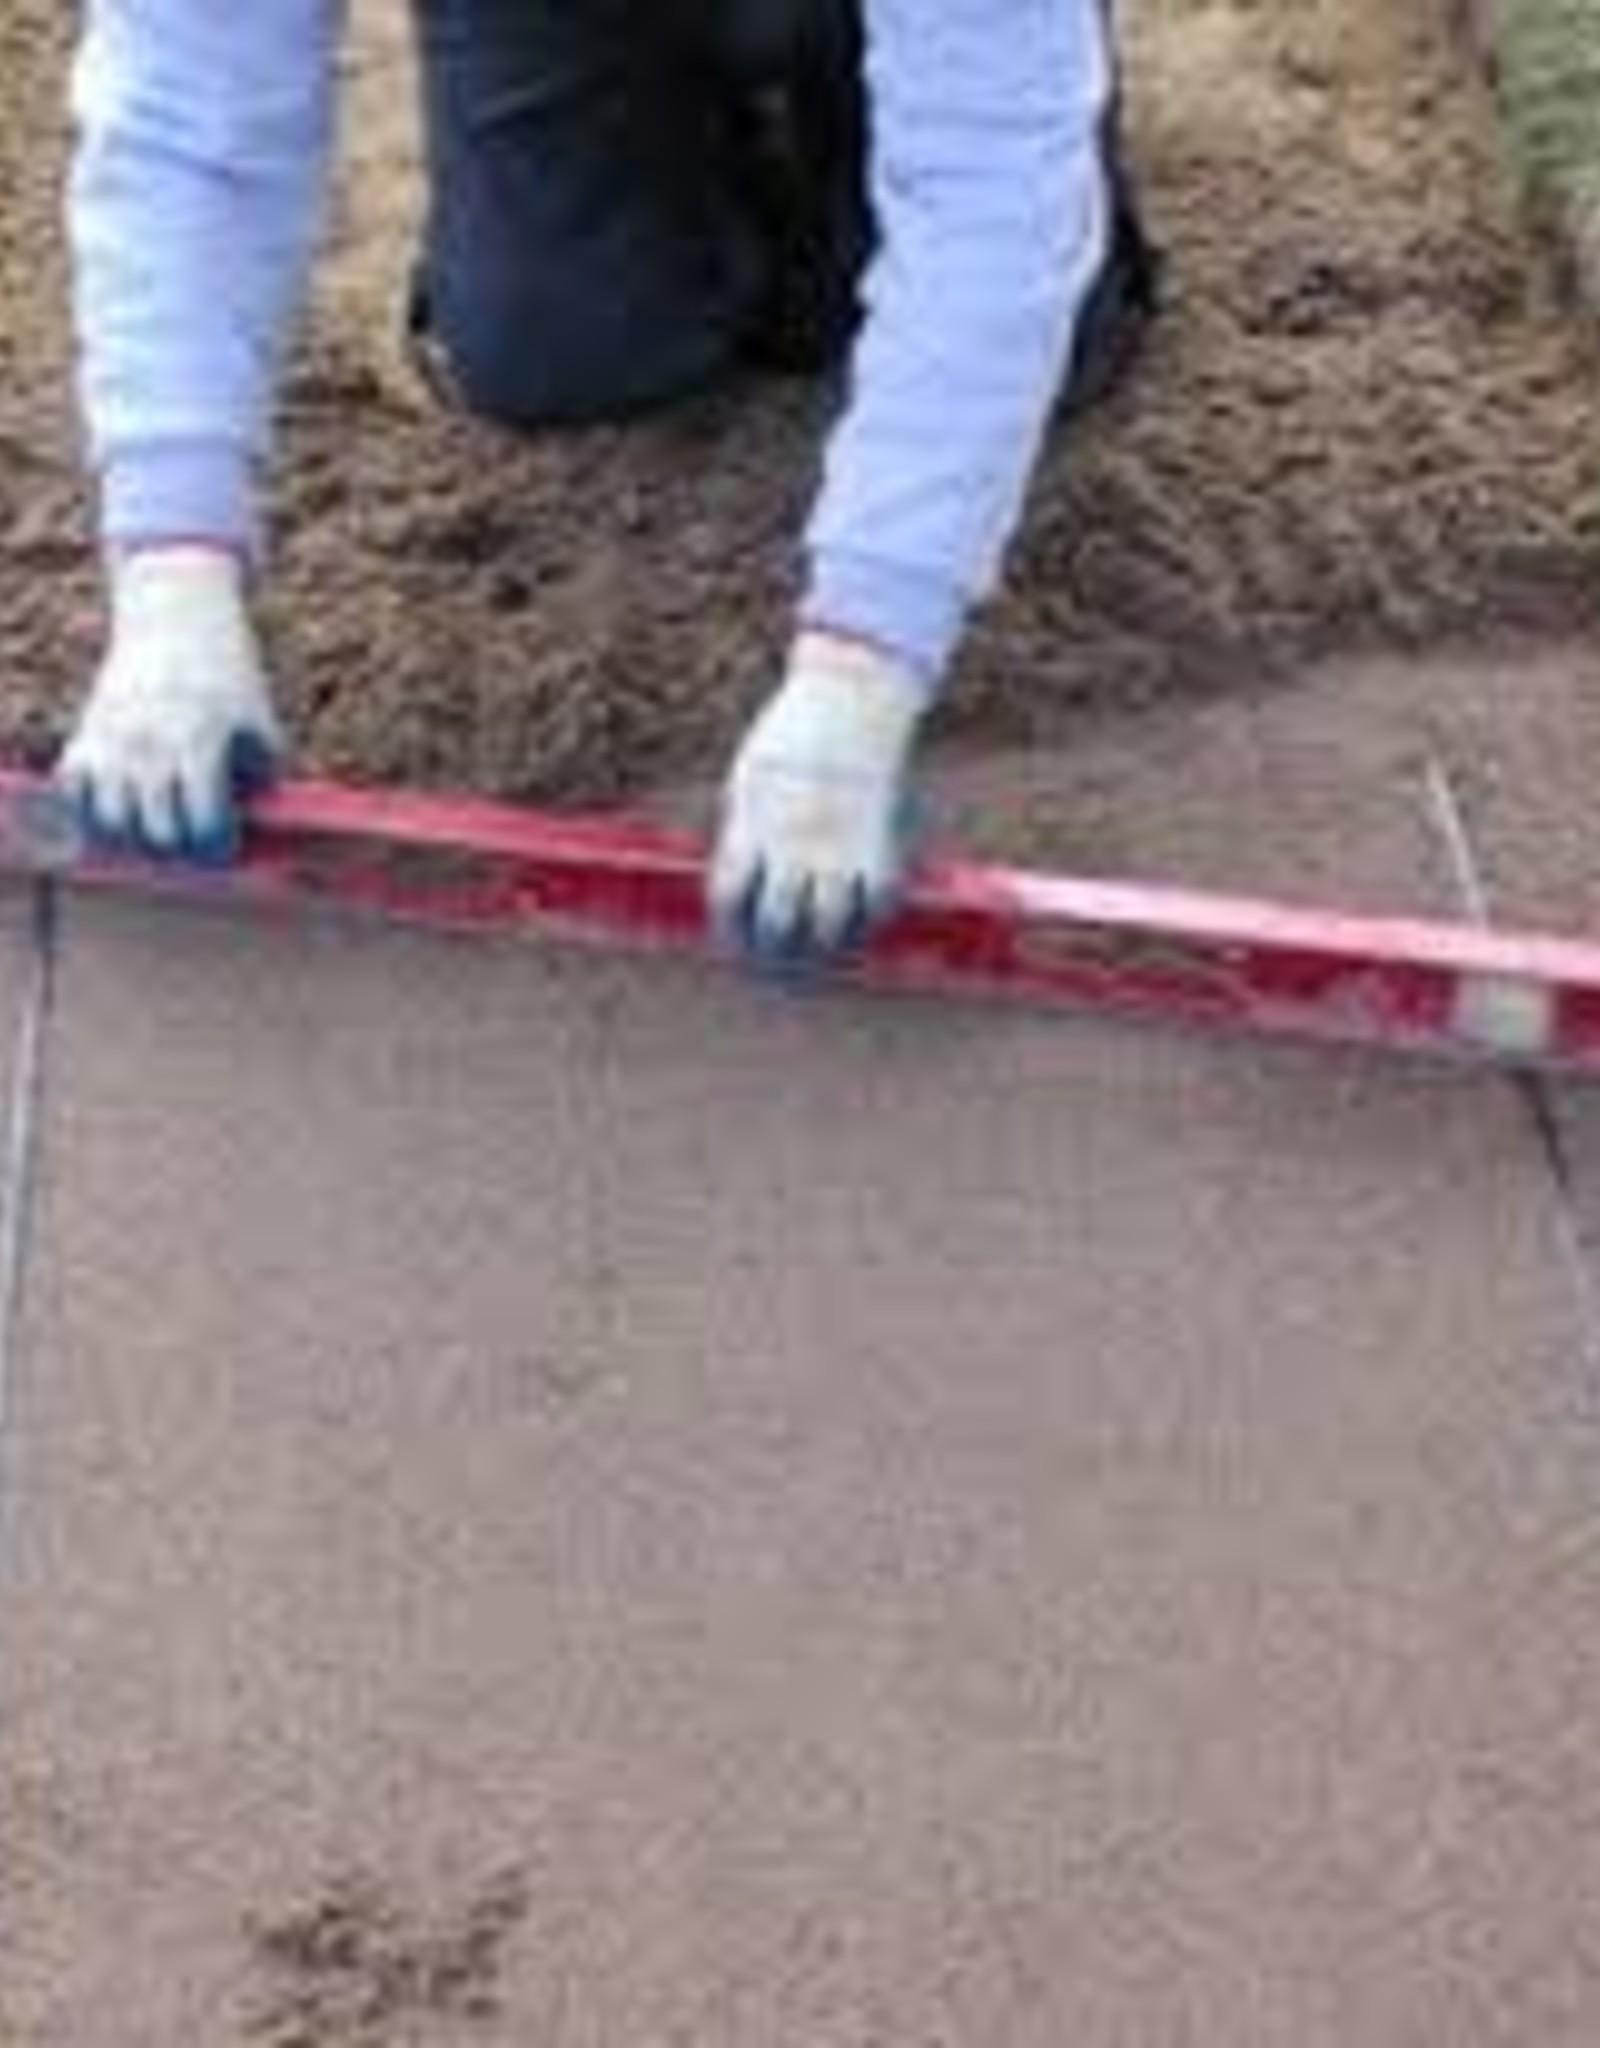 Sand, #2 torpedo